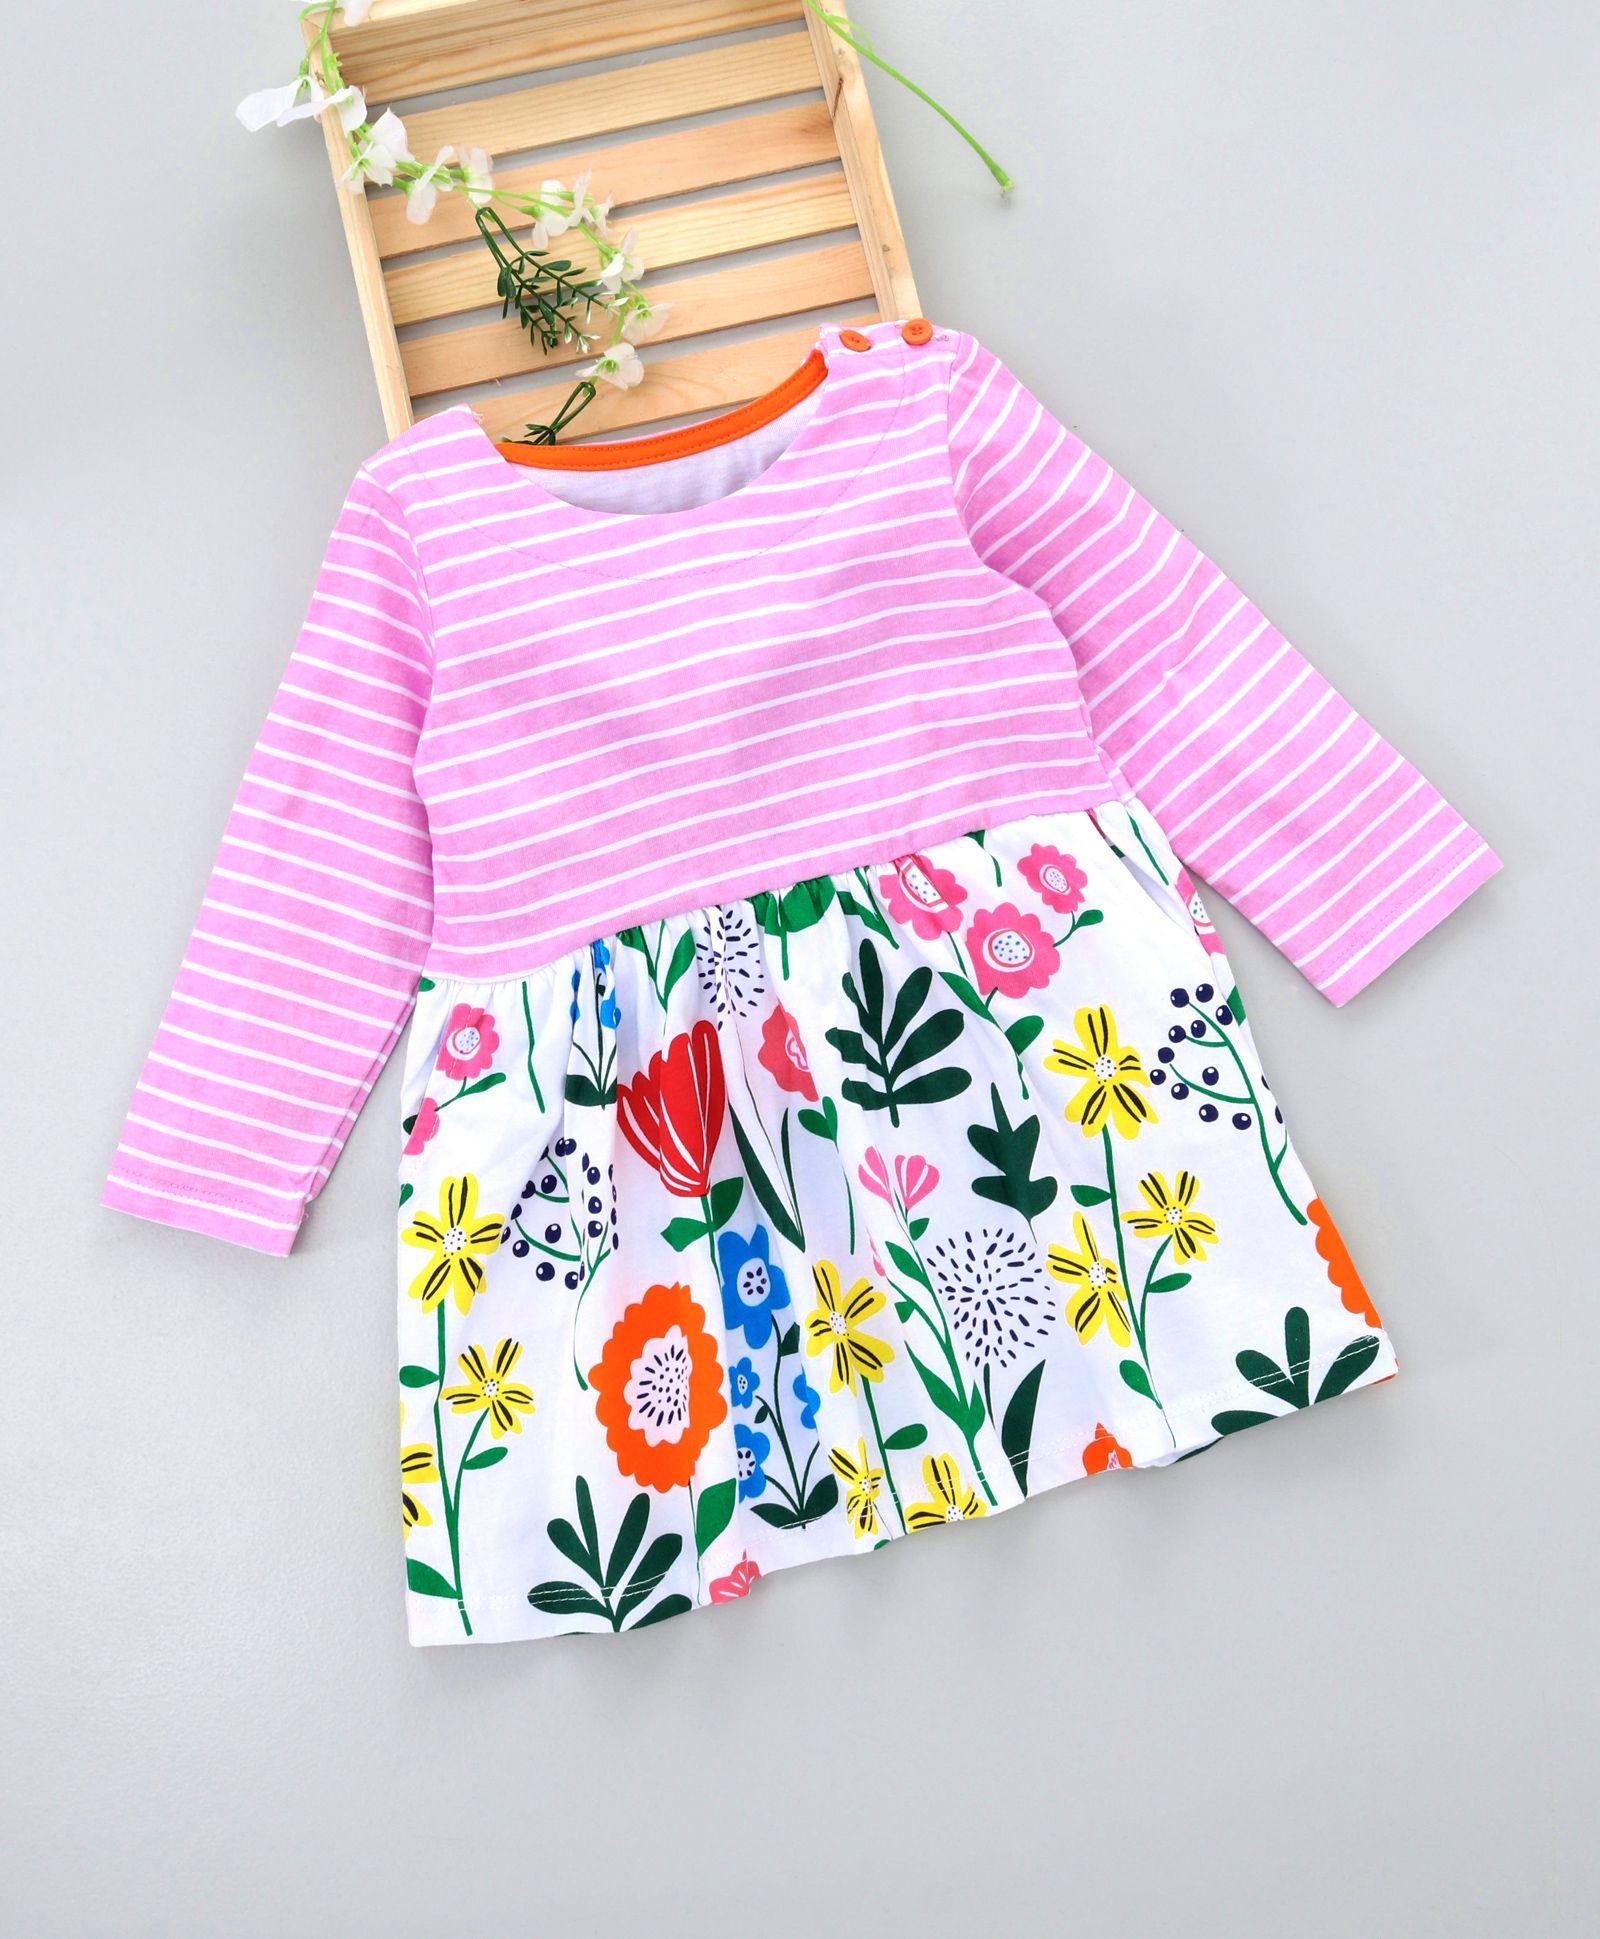 eabb0fad7dde2 Buy Kookie Kids Full Sleeves Striped Floral Printed Dress Pink for ...